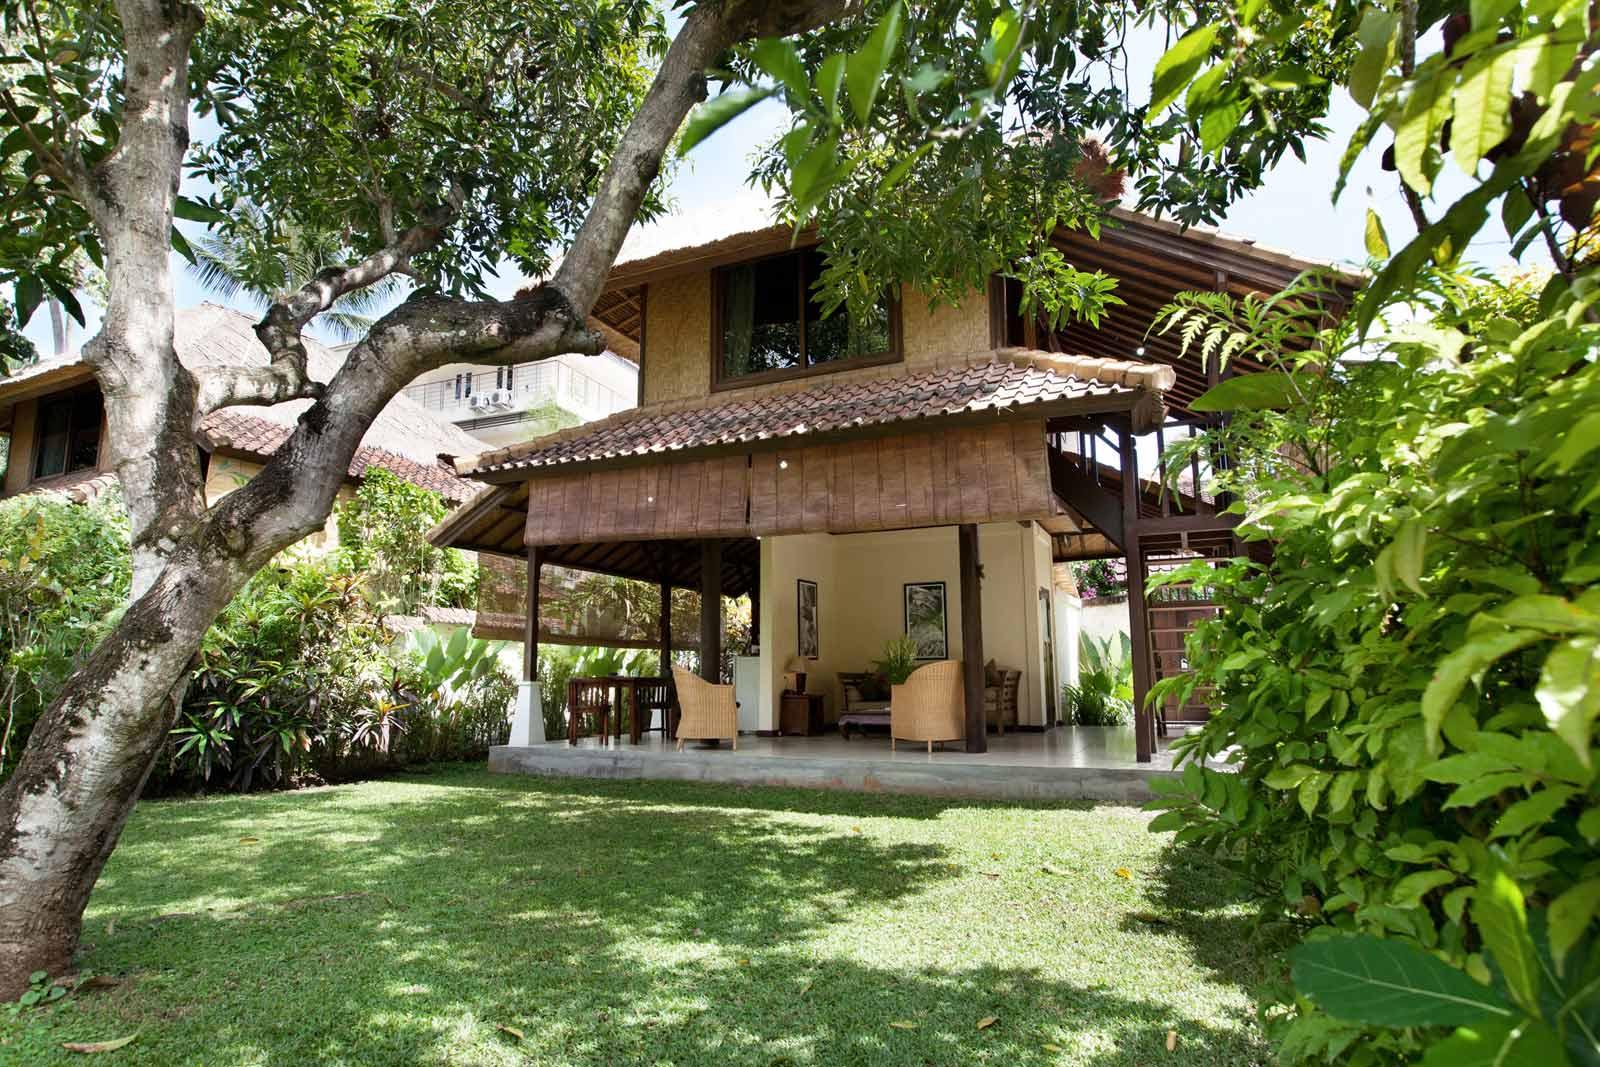 Garden Bungalows Seminyak One Bedroom Villa Coco Bali